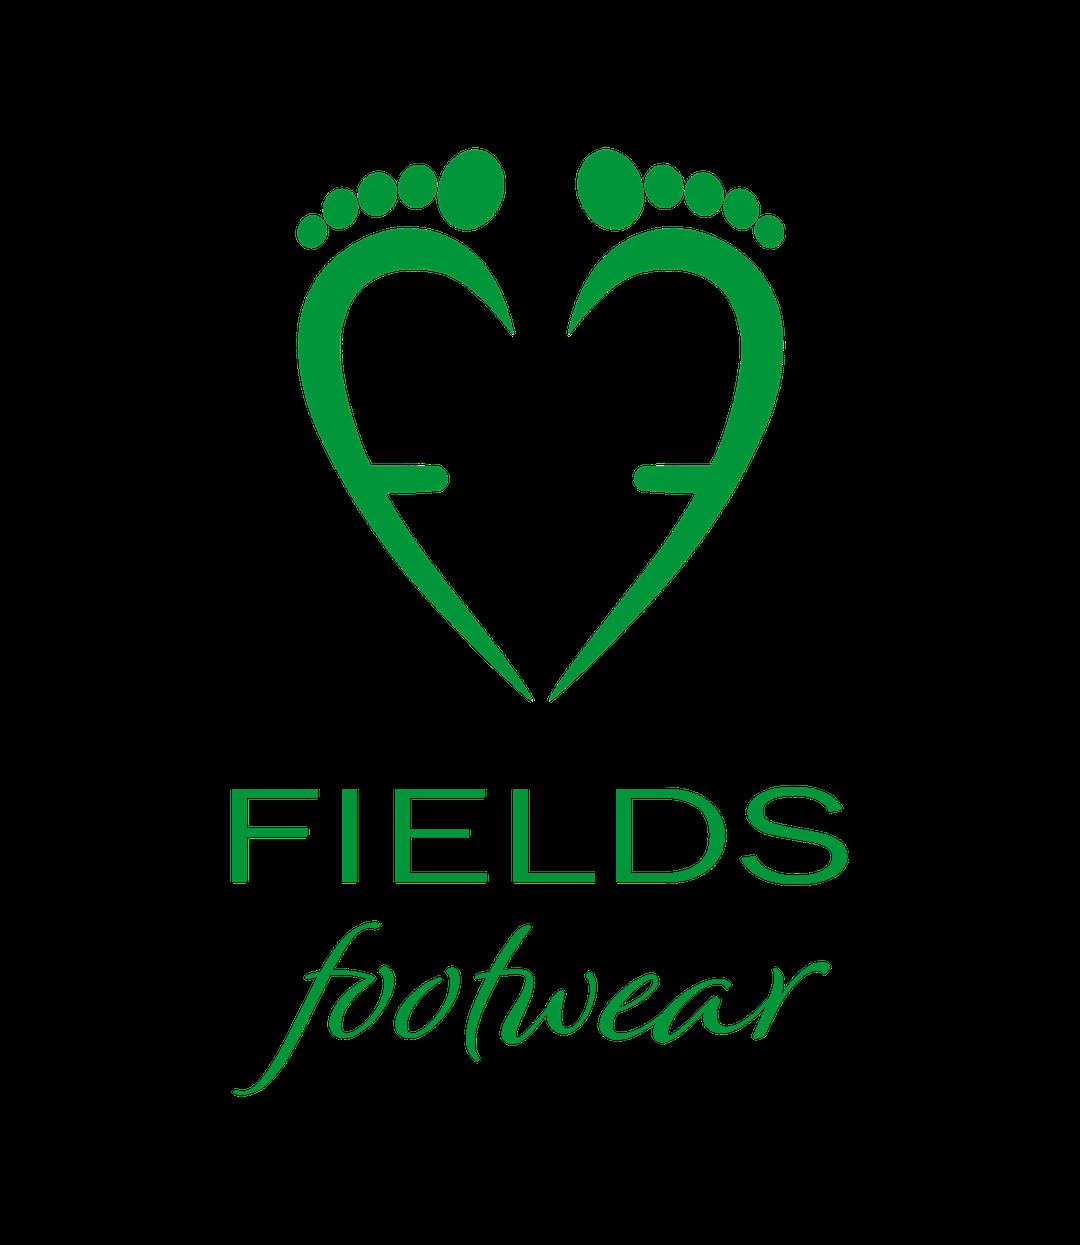 Fields Footwear